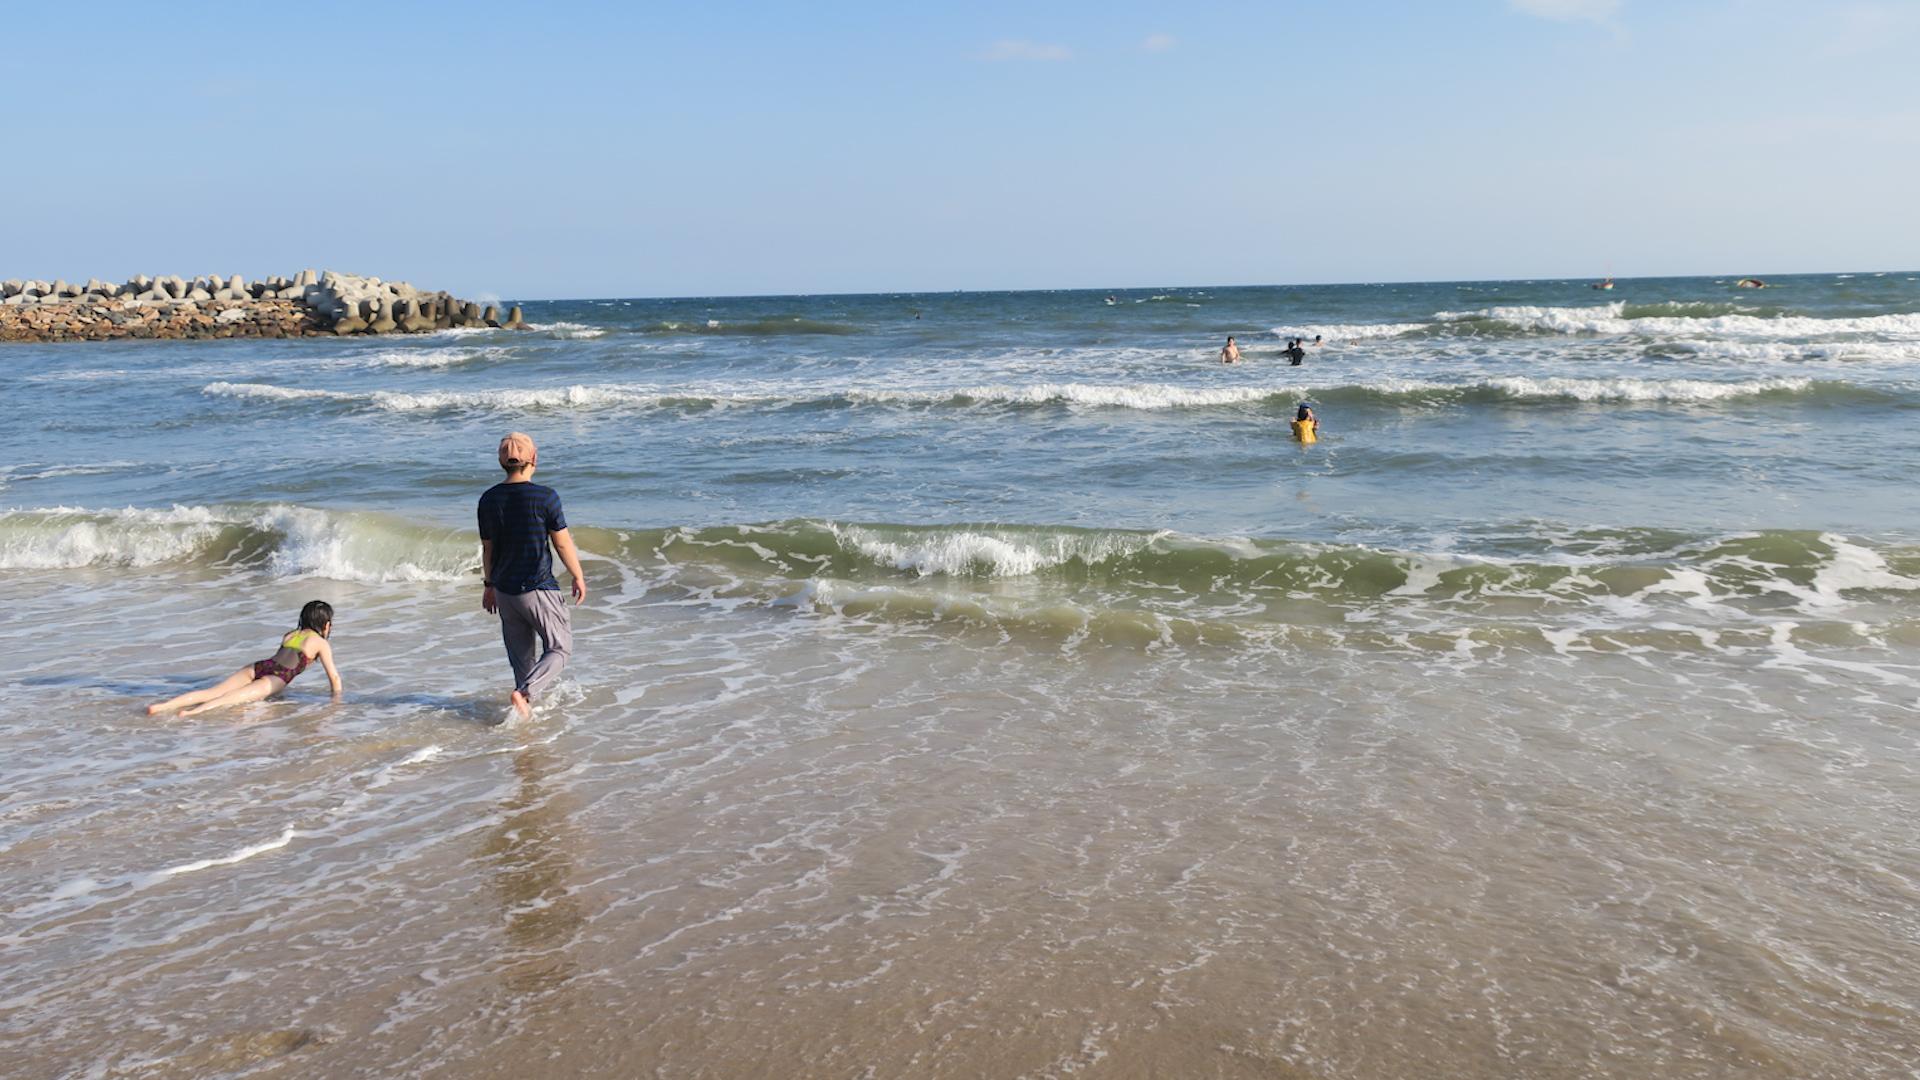 Bãi biển Phan Thiết có nhiều vùng nước xoáy ngầm